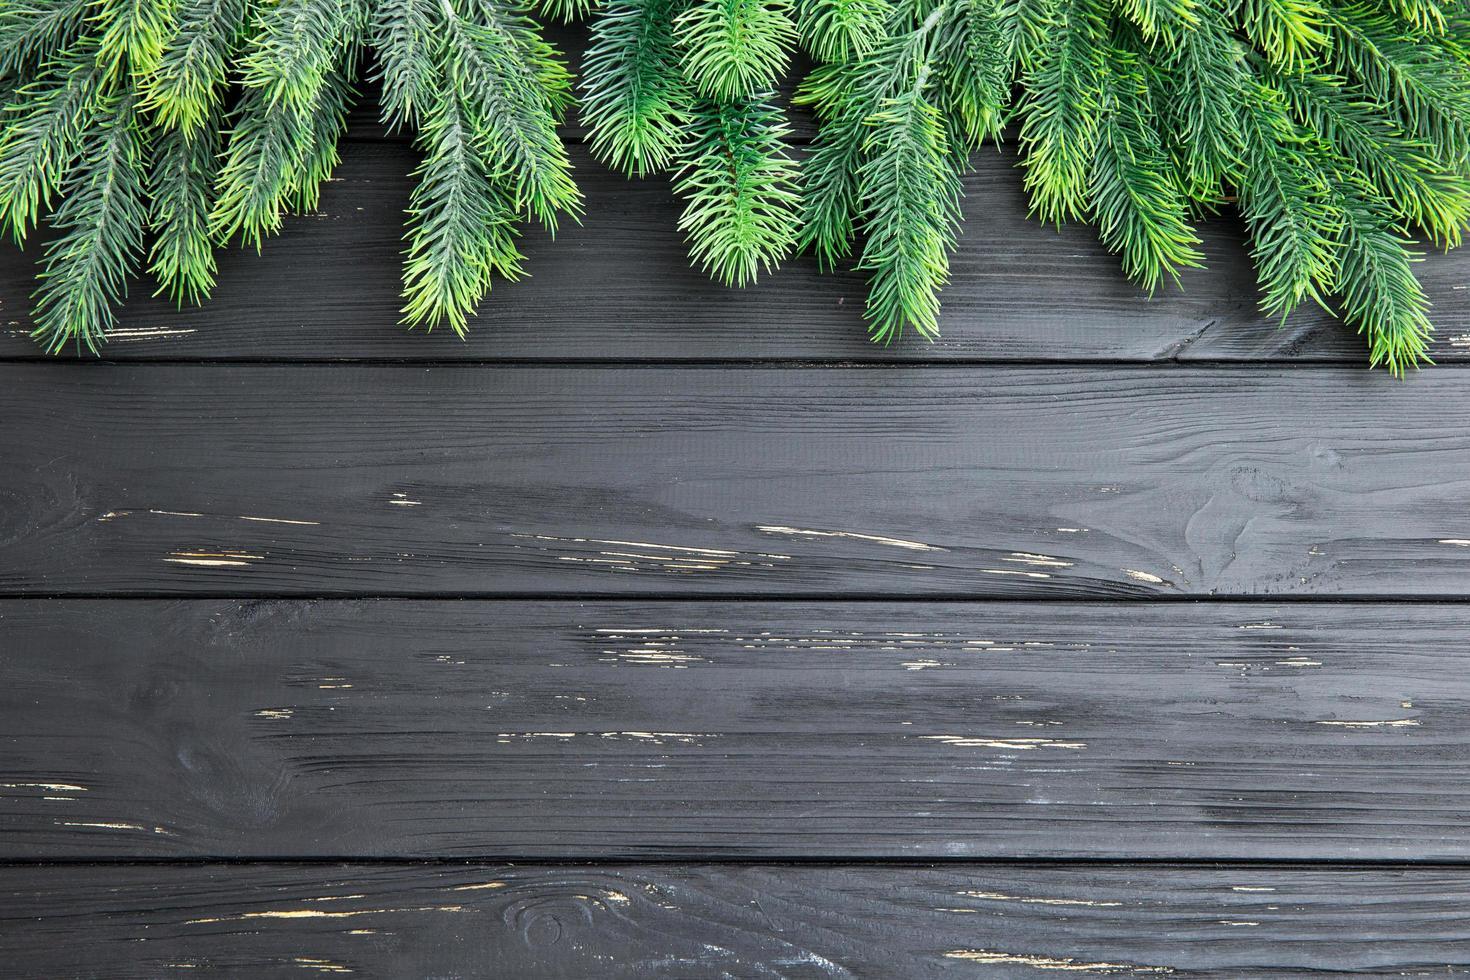 sapin de noël sur la planche de bois photo